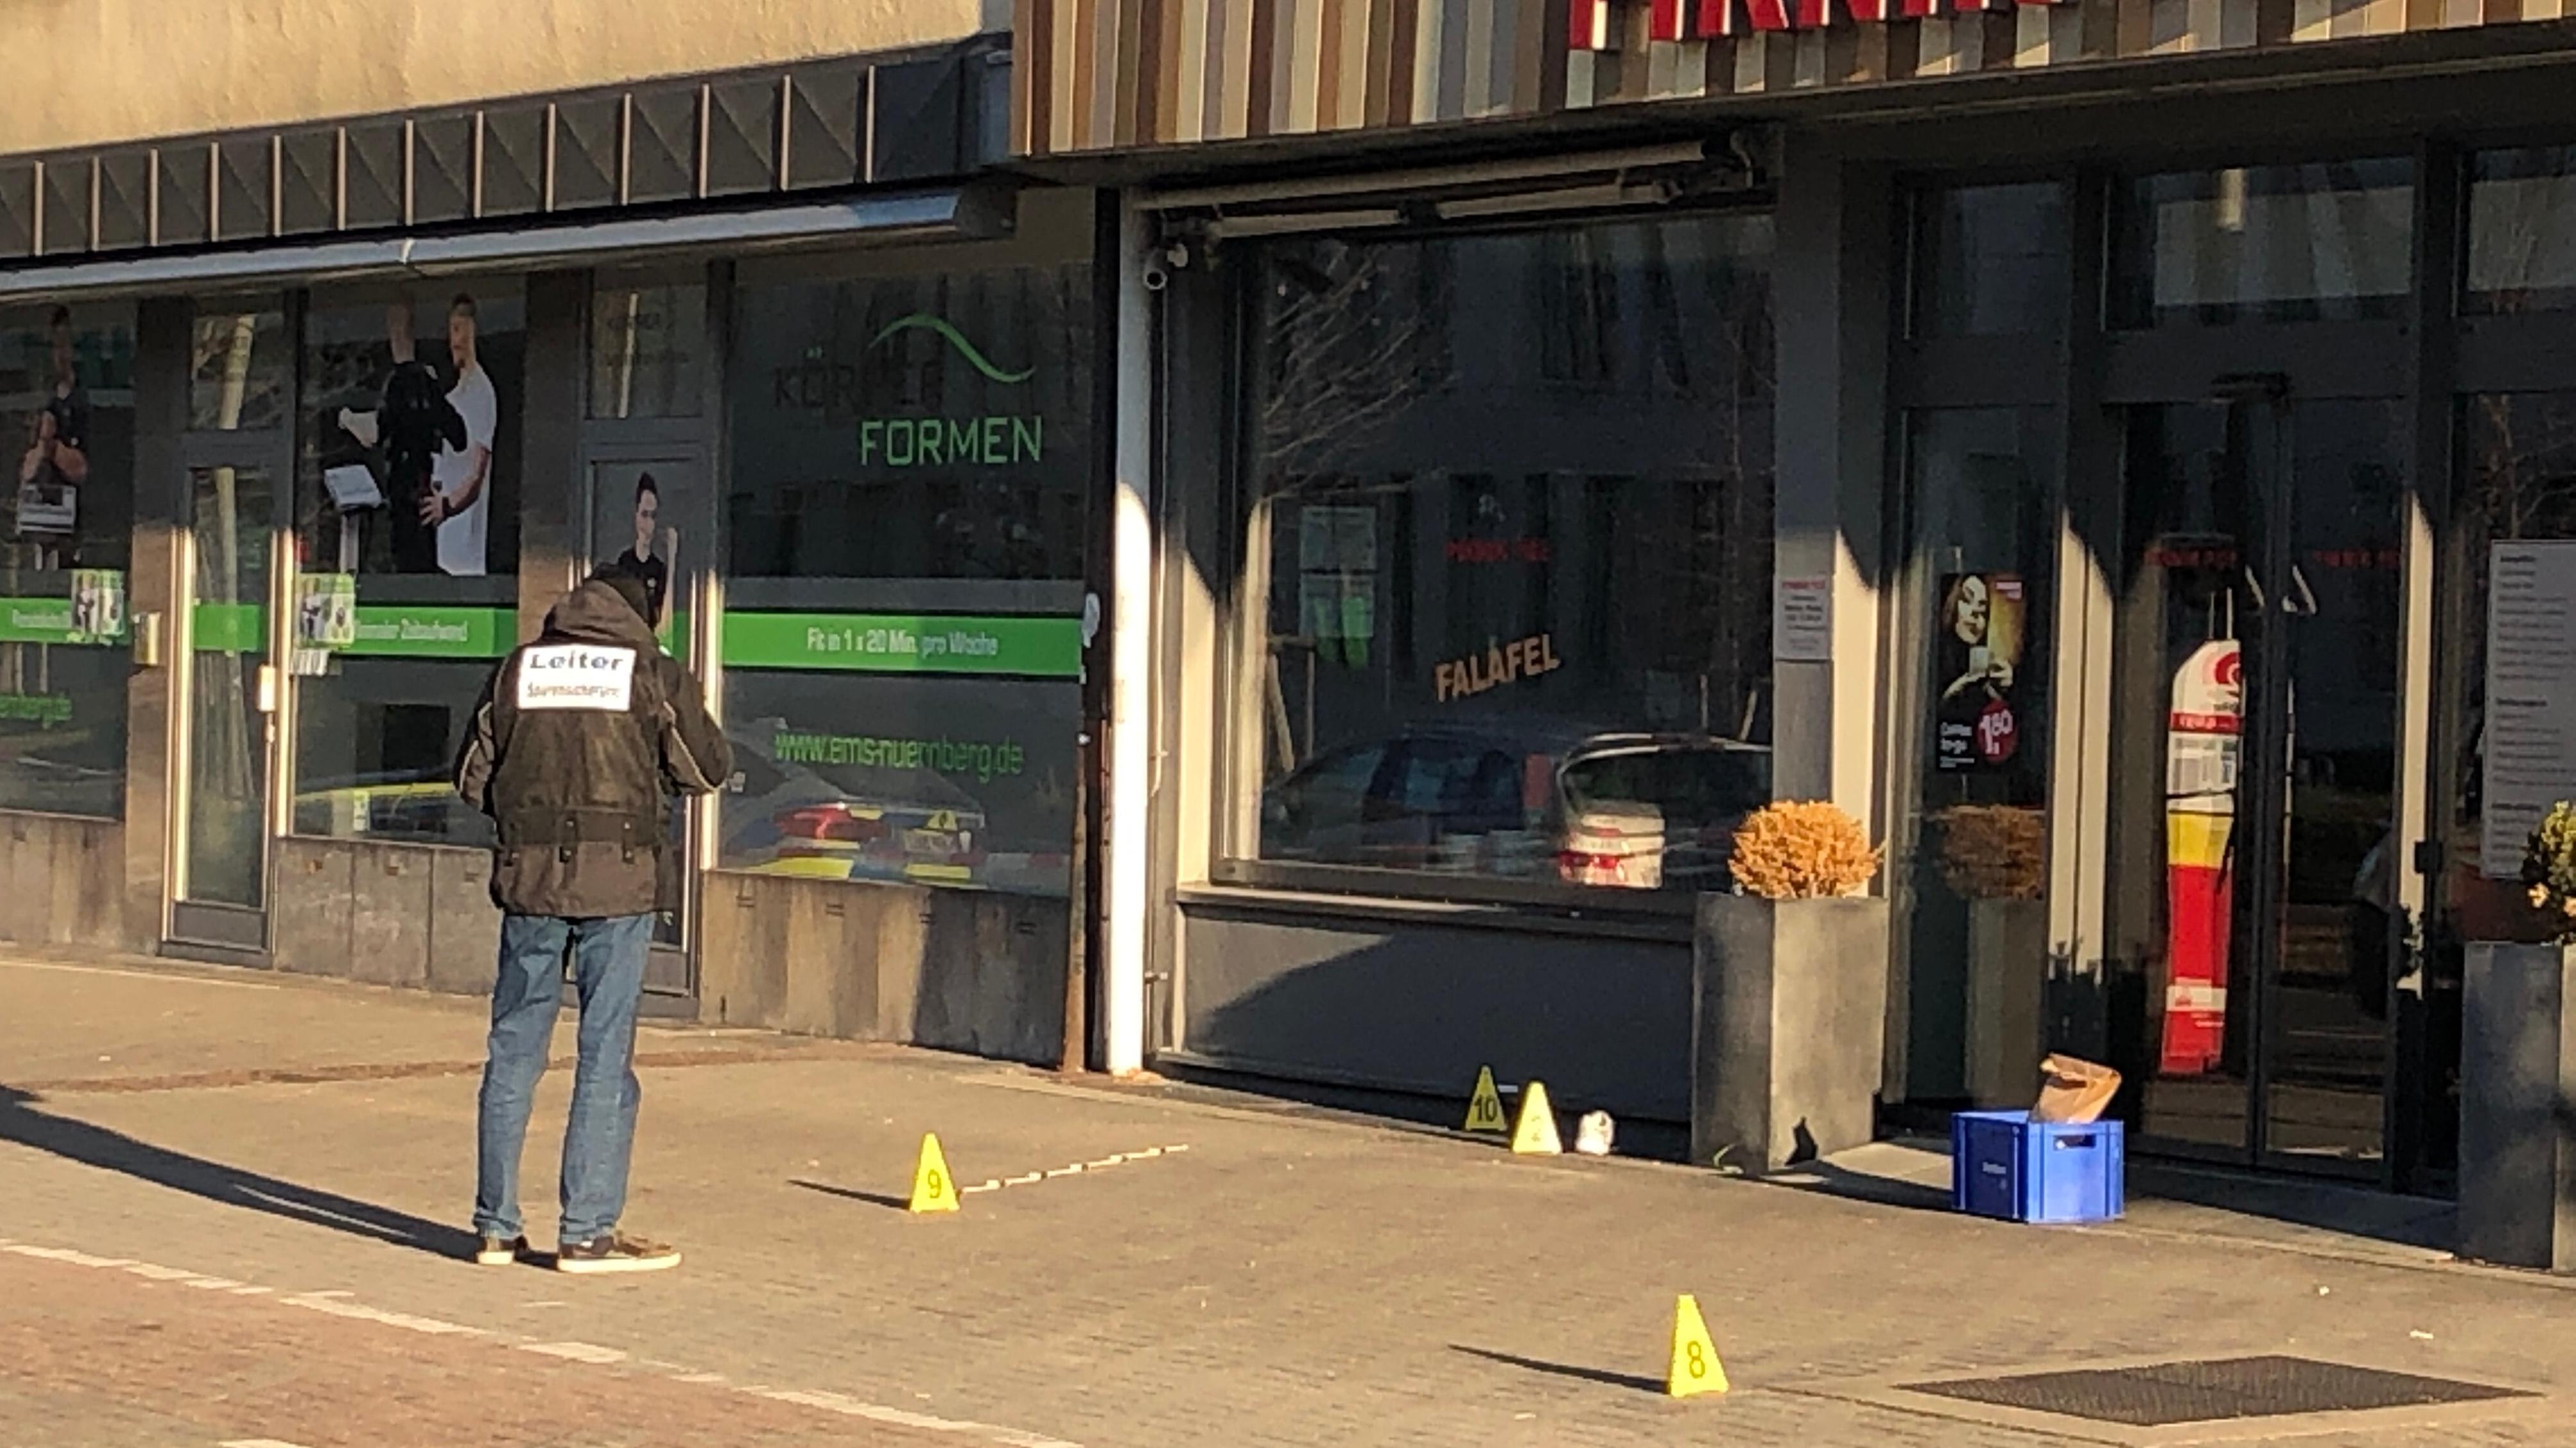 Polizei am abgesperrten Tatort in Nürnberg, Stadtteil Bärenschanze.